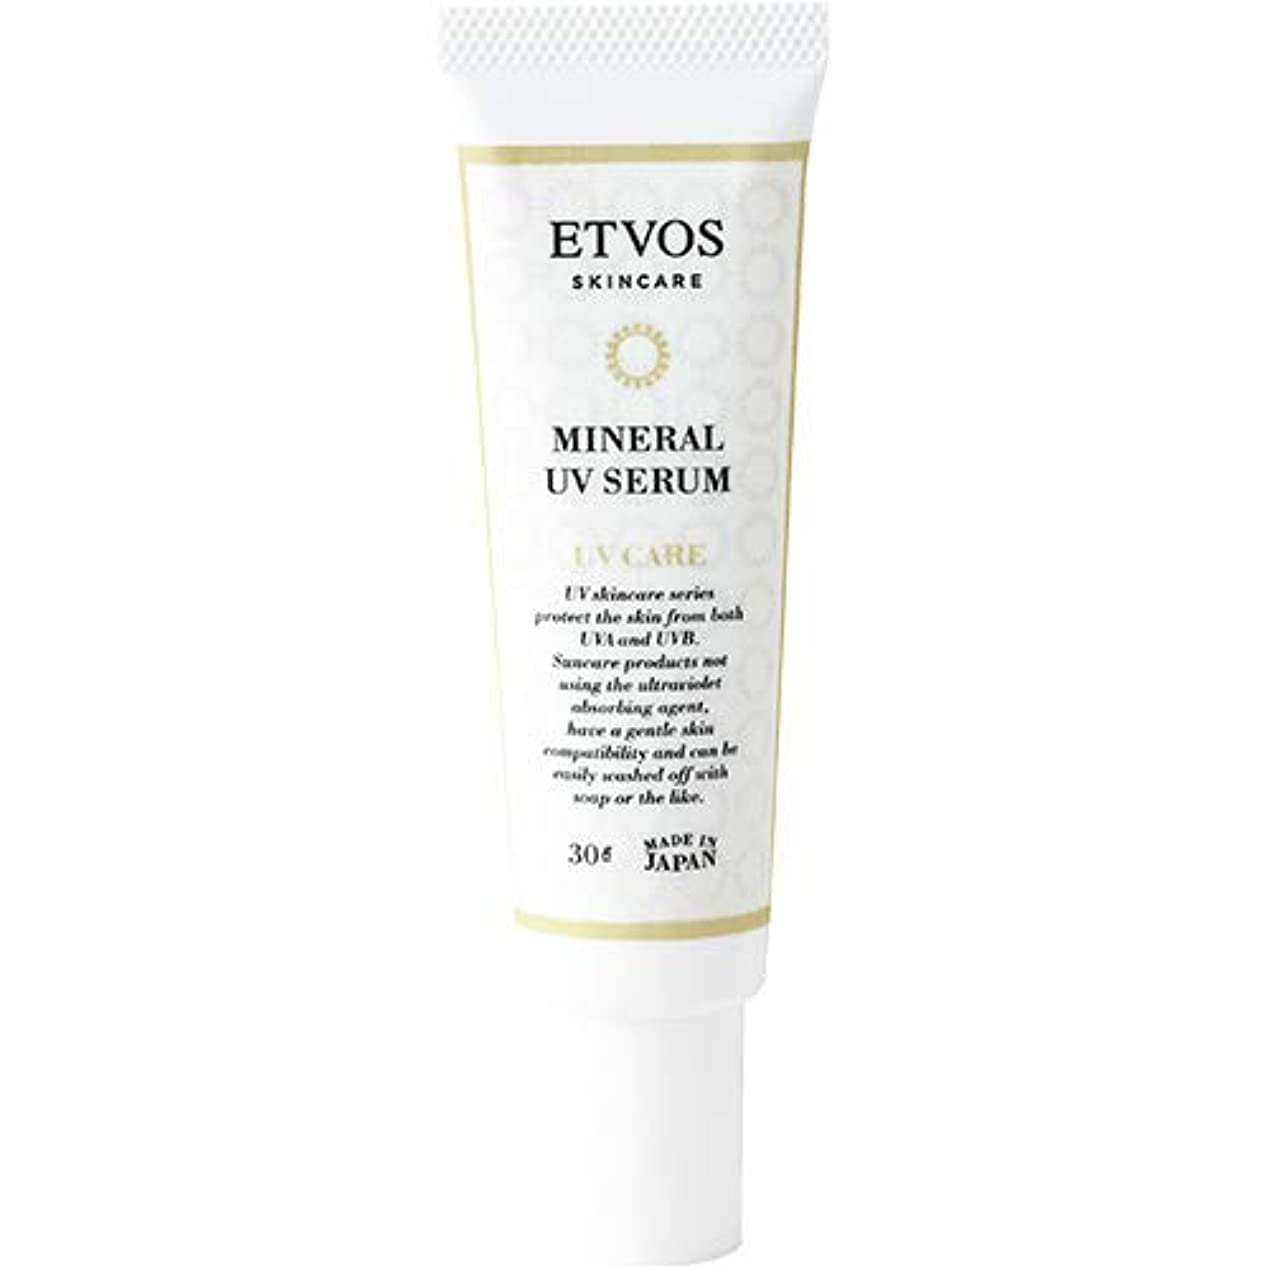 約設定ピル戦いETVOS(エトヴォス) 日焼け止め美容液 ミネラルUVセラム SPF35/PA+++ 30g 化粧下地 紫外線吸収剤不使用